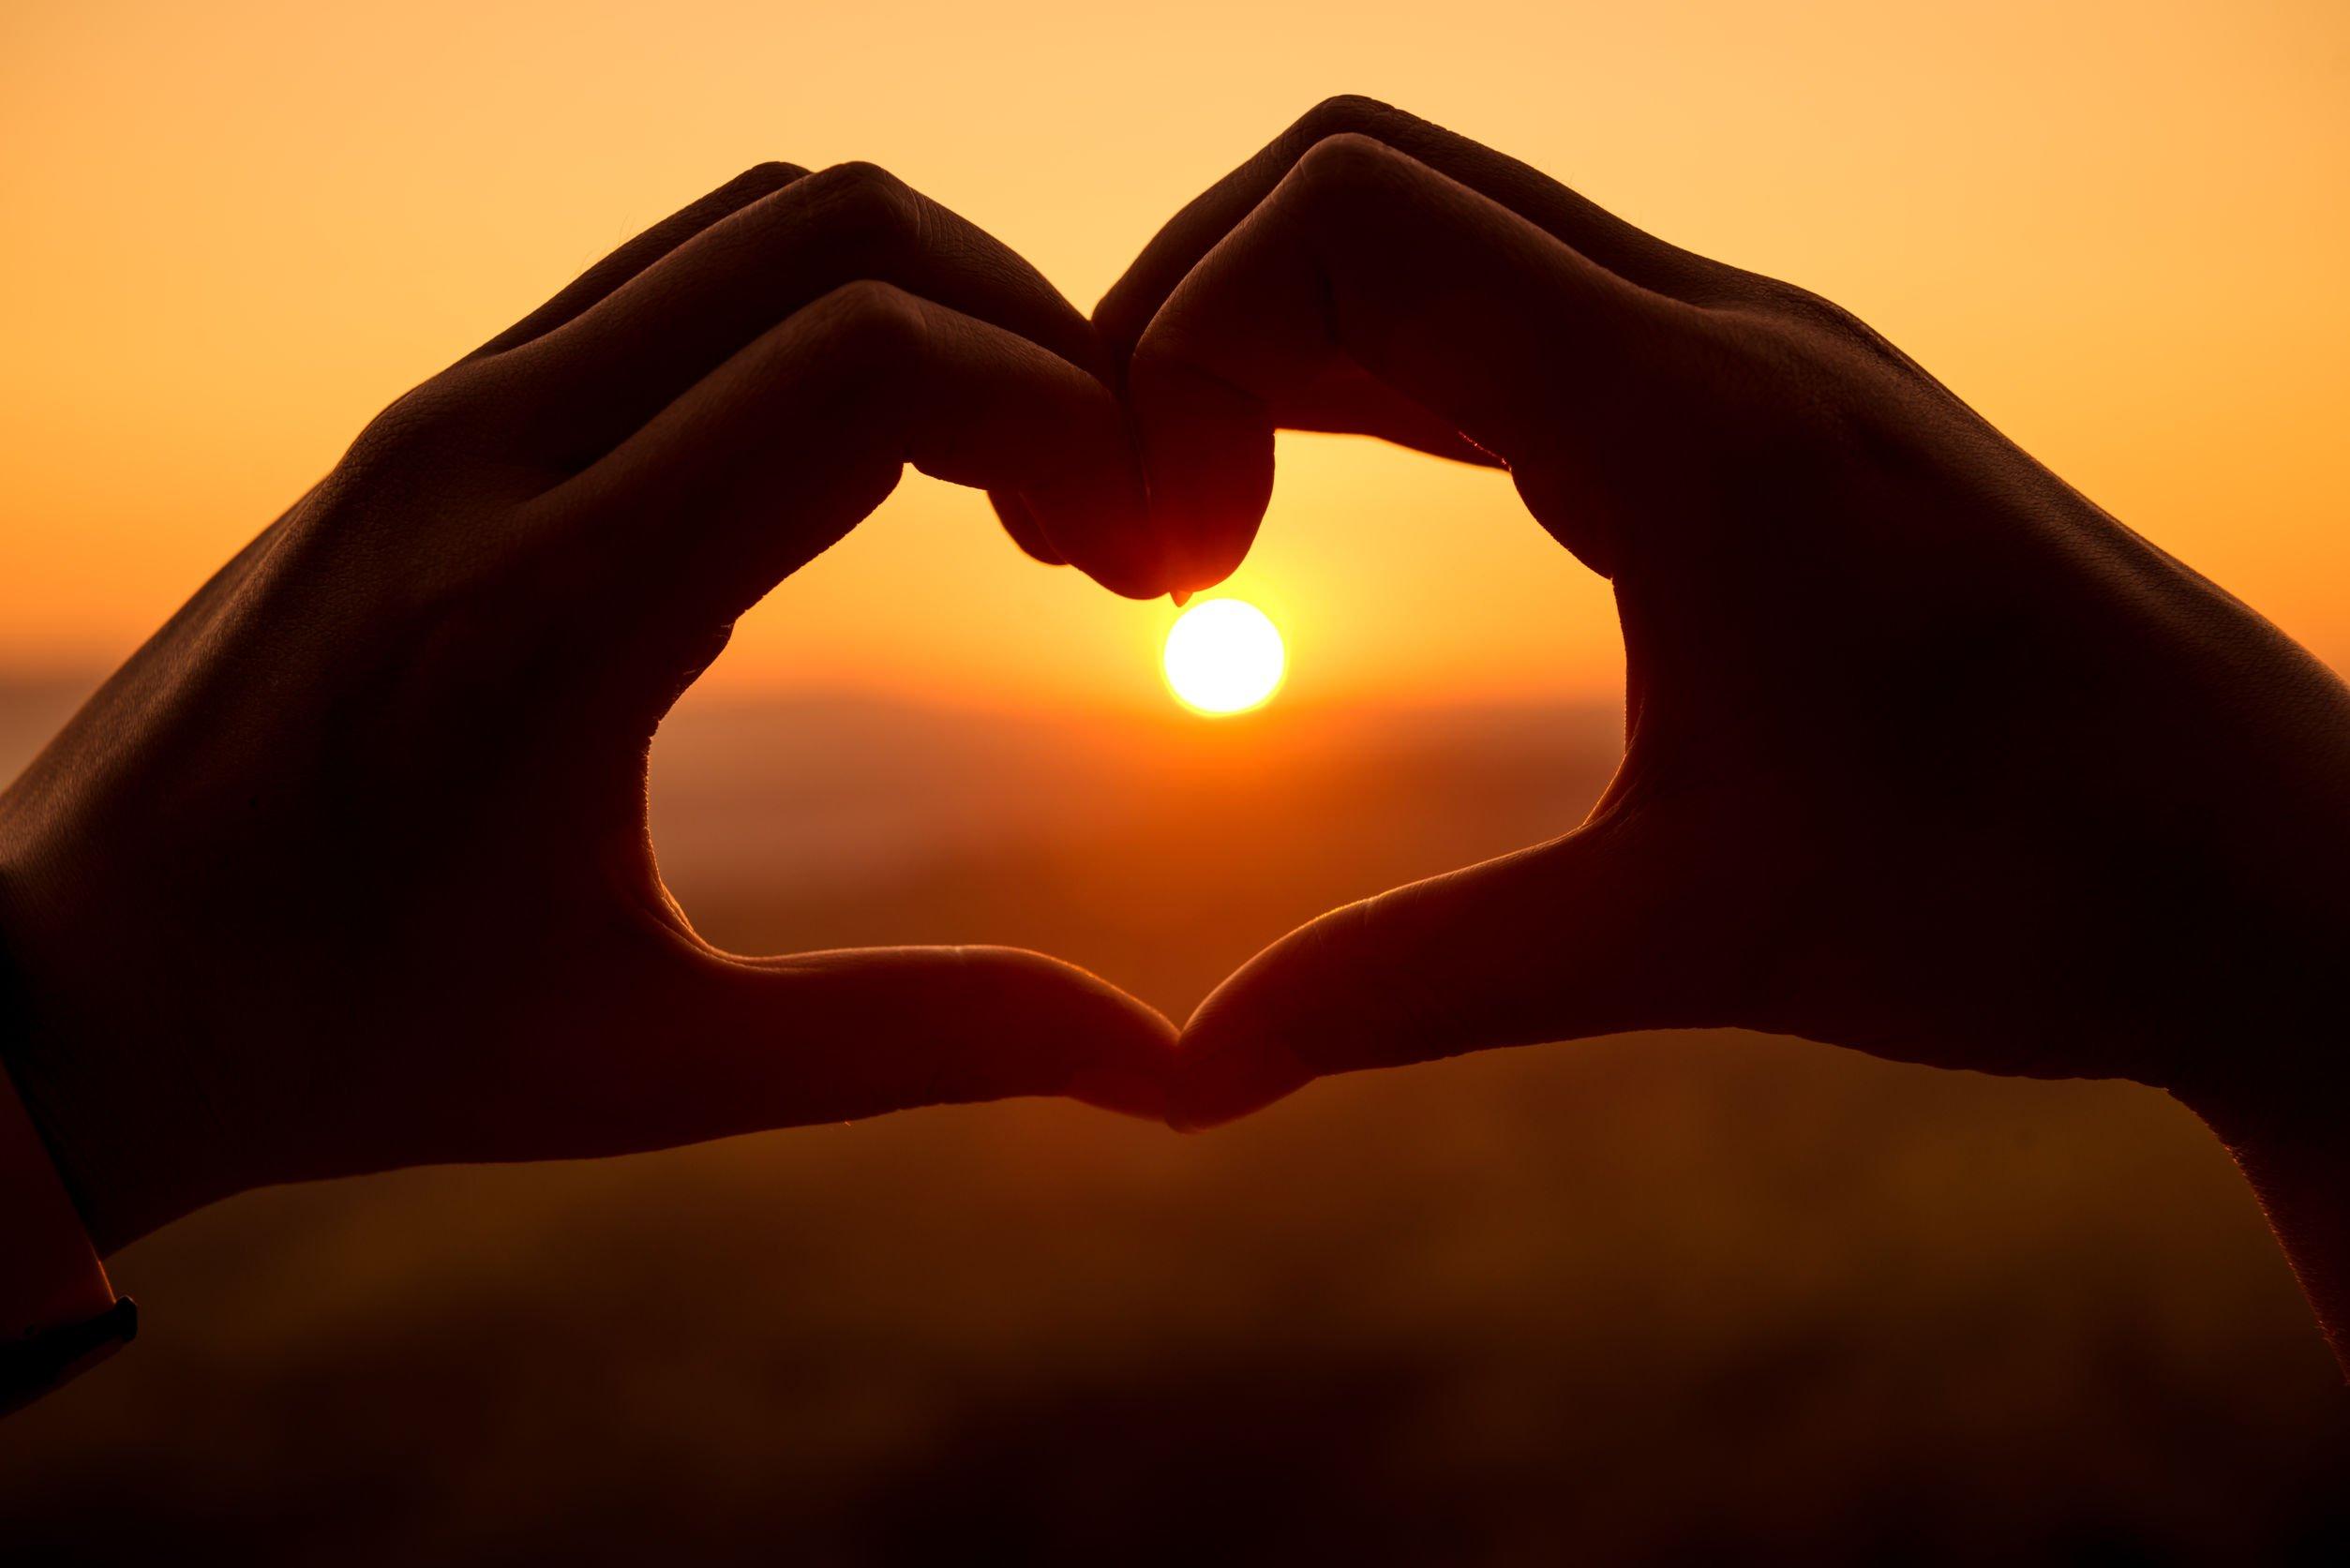 Peki kalbin enerjisini nasıl ortaya çıkartabiliriz?